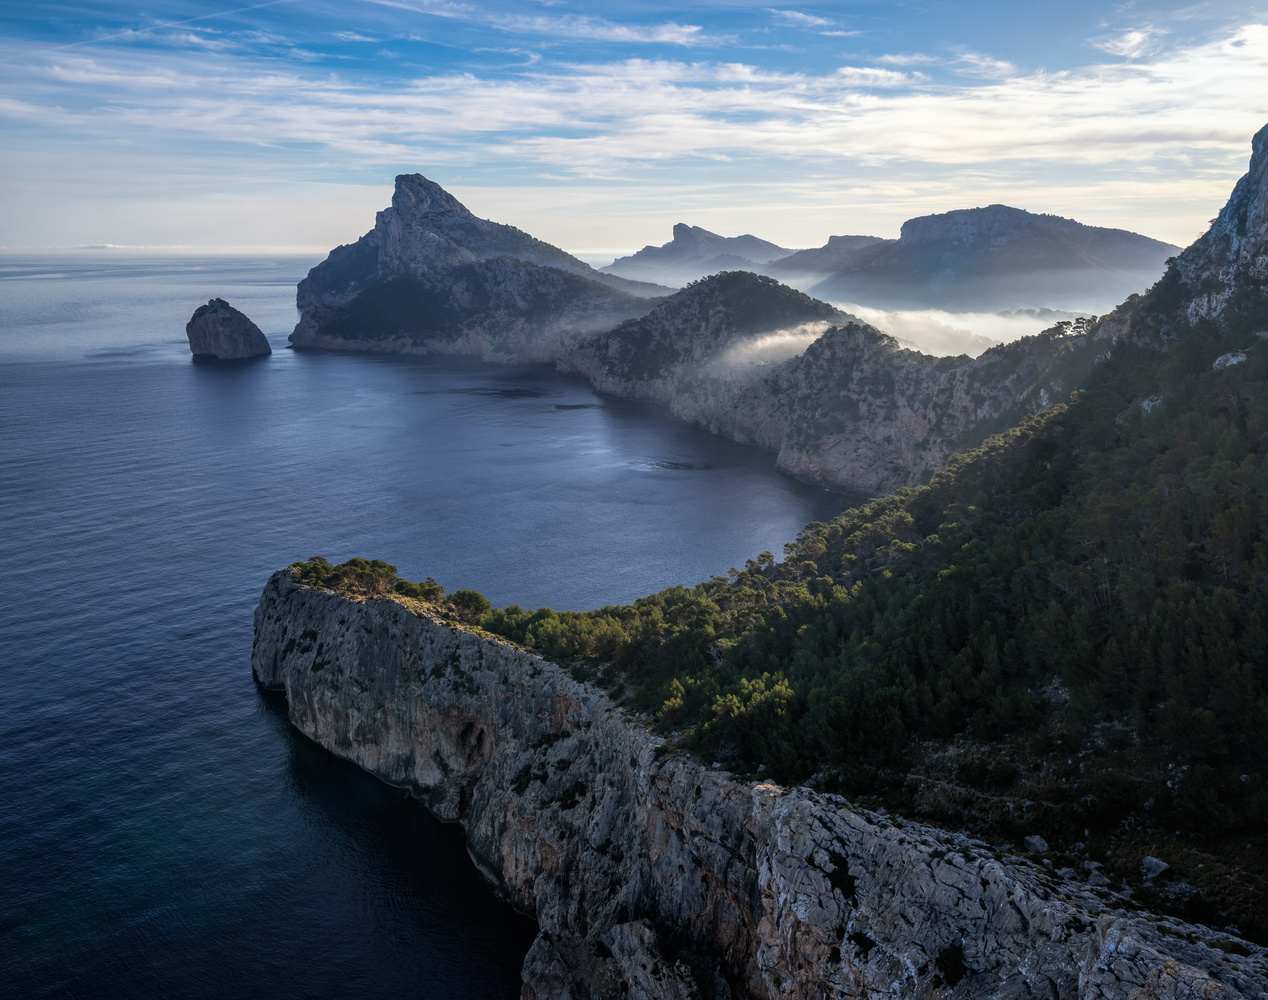 Cap de Formentor by Lukas Petereit